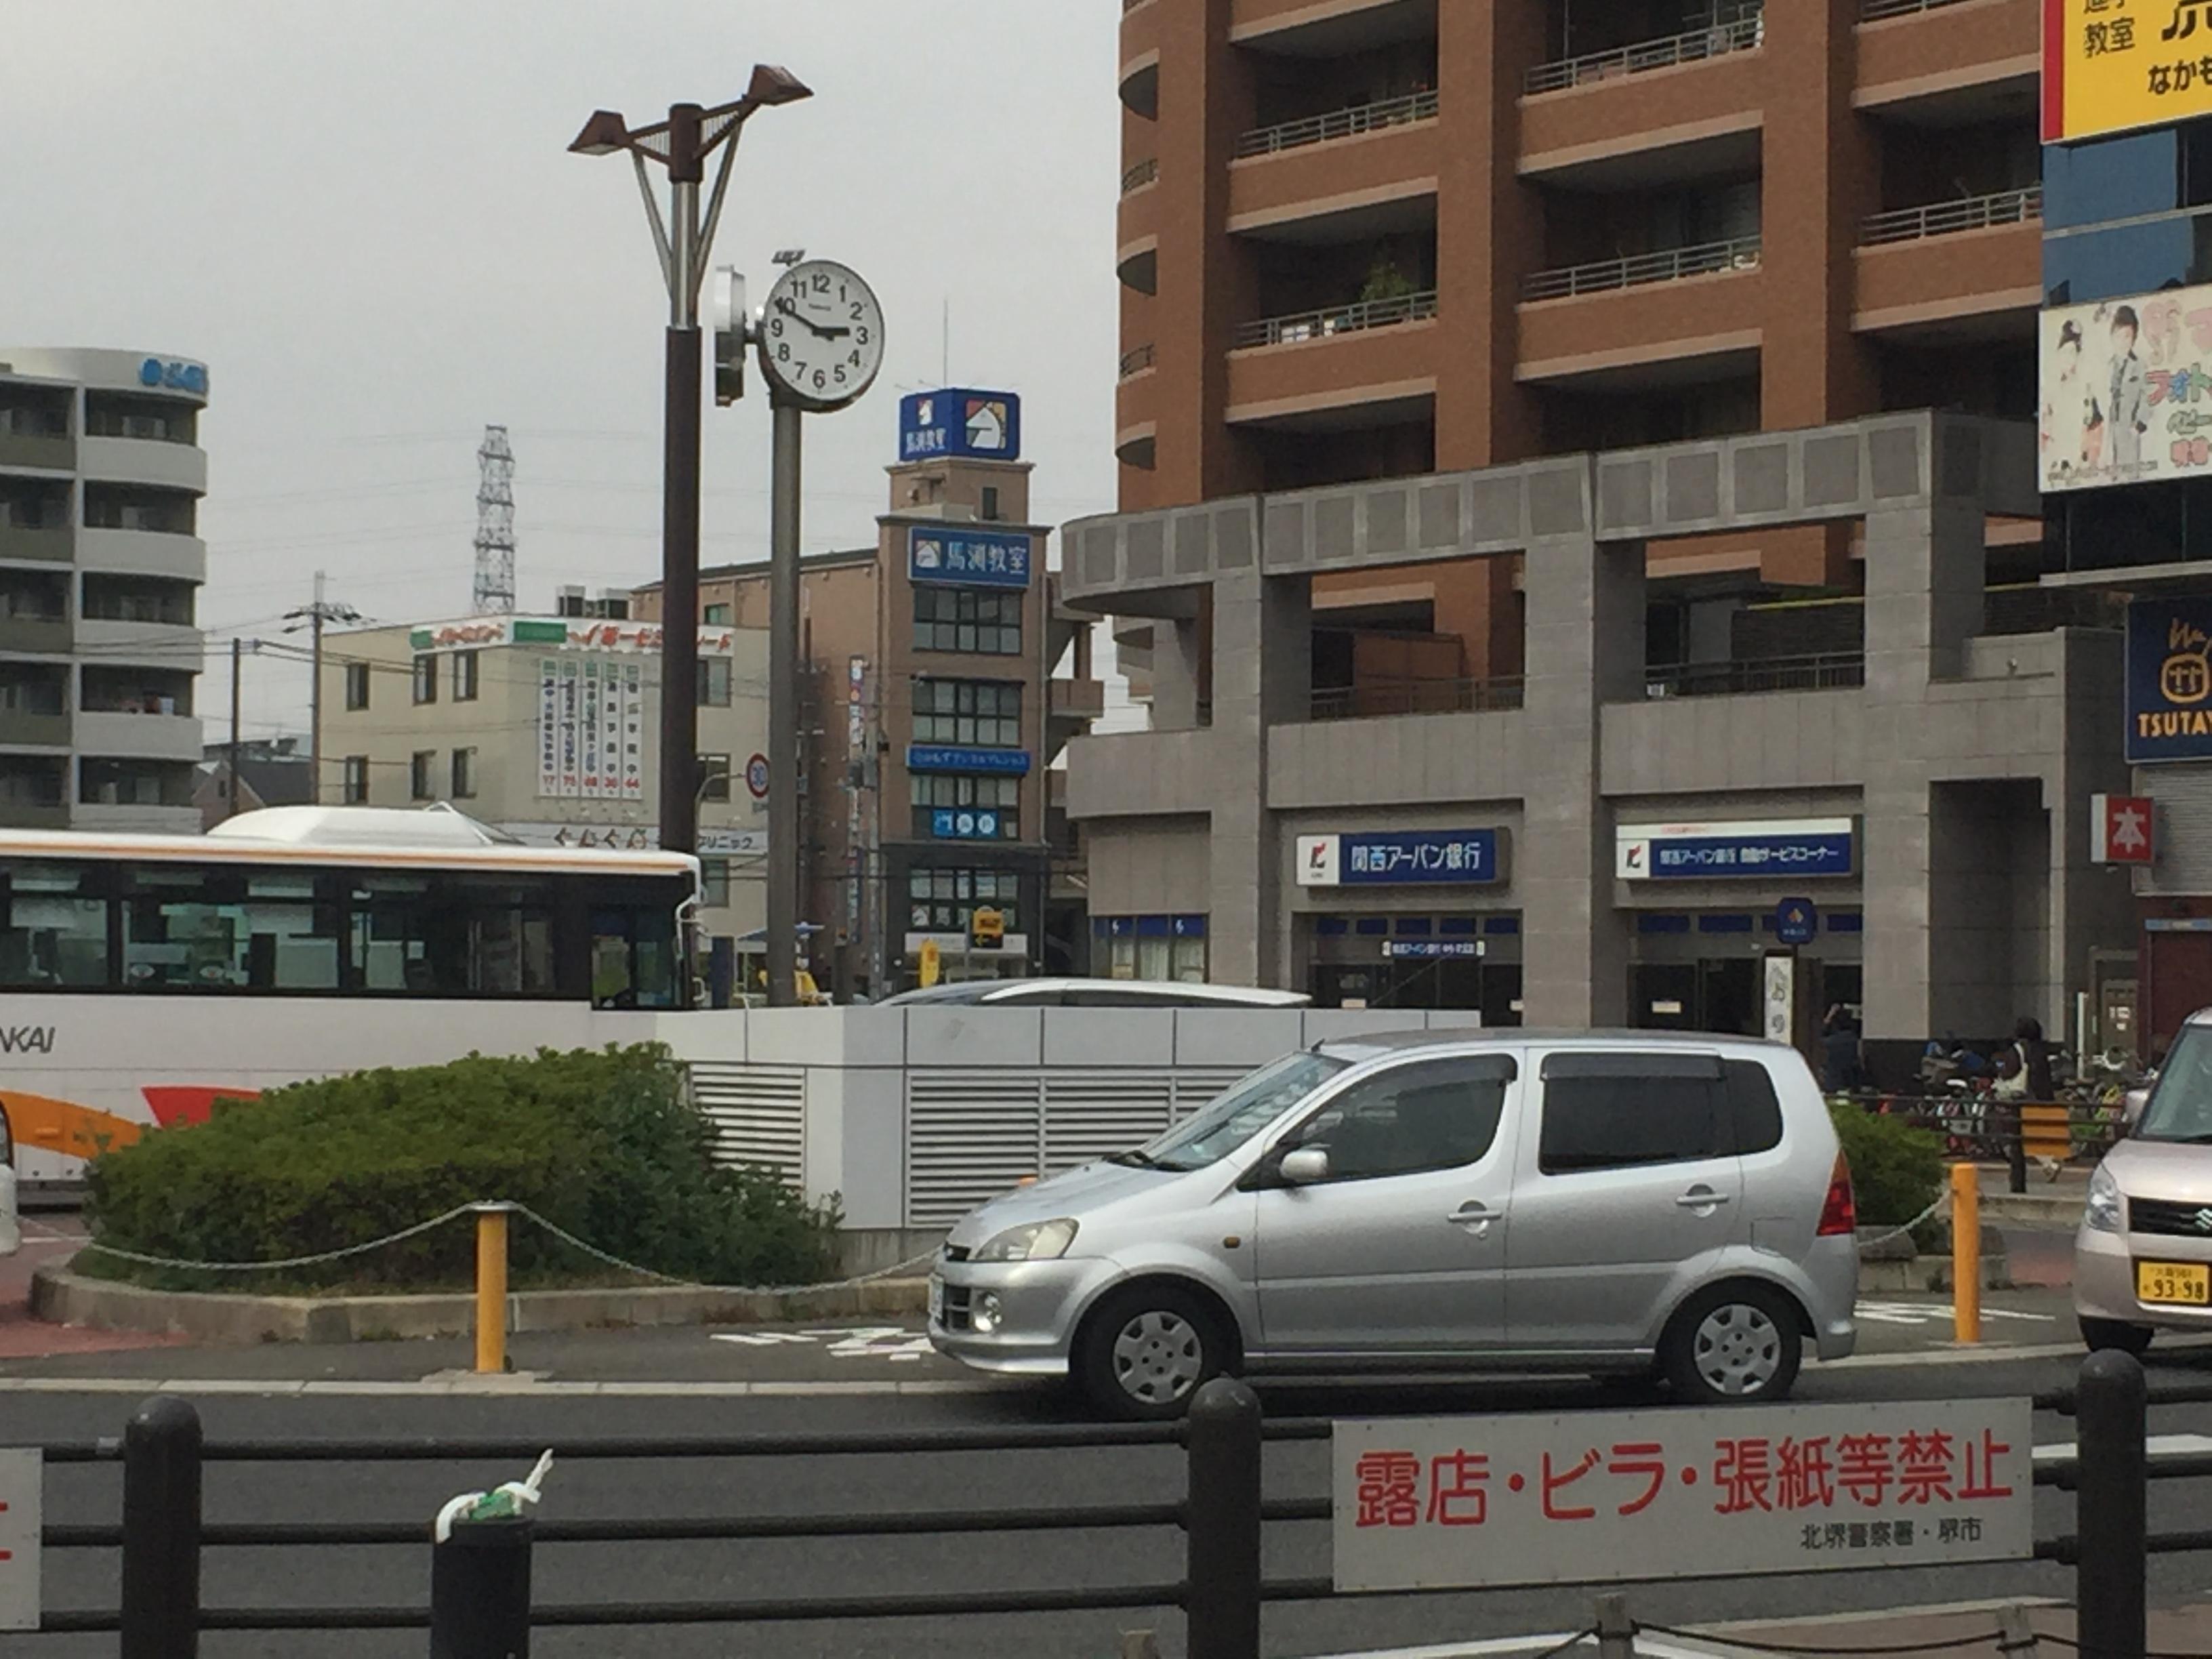 関西アーバン銀行の角を曲がります。